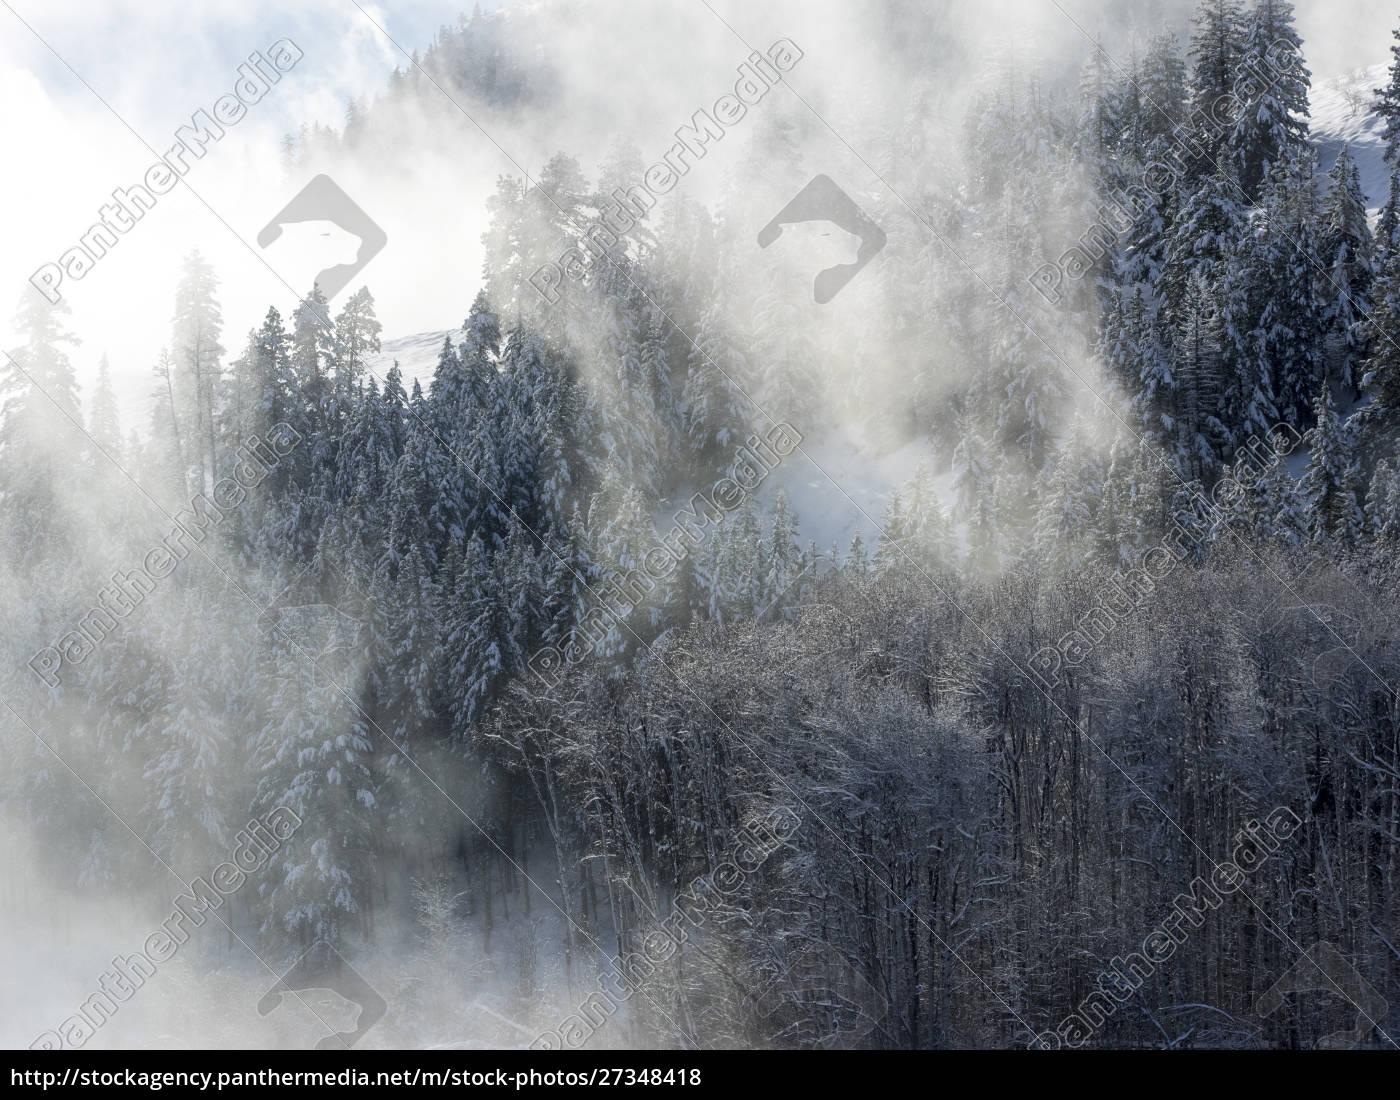 alberi, nella, nebbia, con, la, luce - 27348418